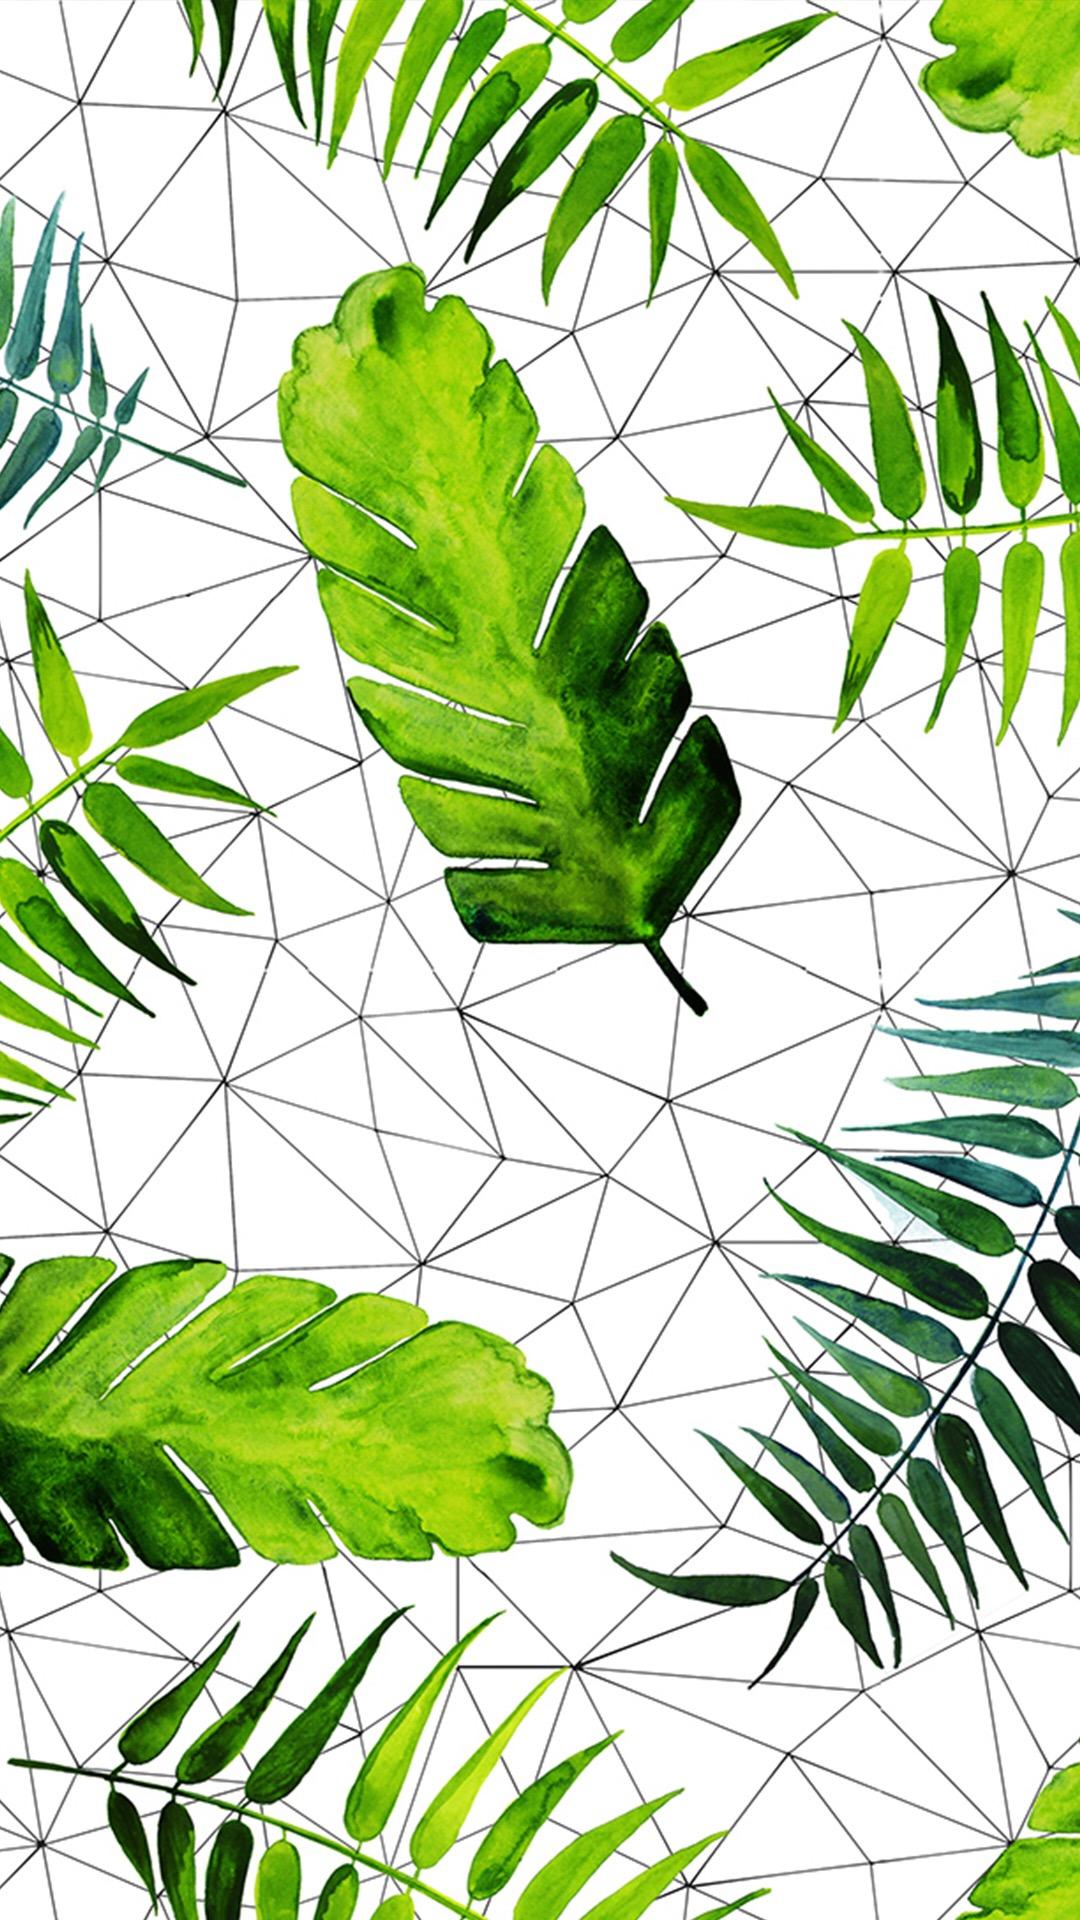 叶子 芭蕉叶 植物 绿色 手绘 水彩